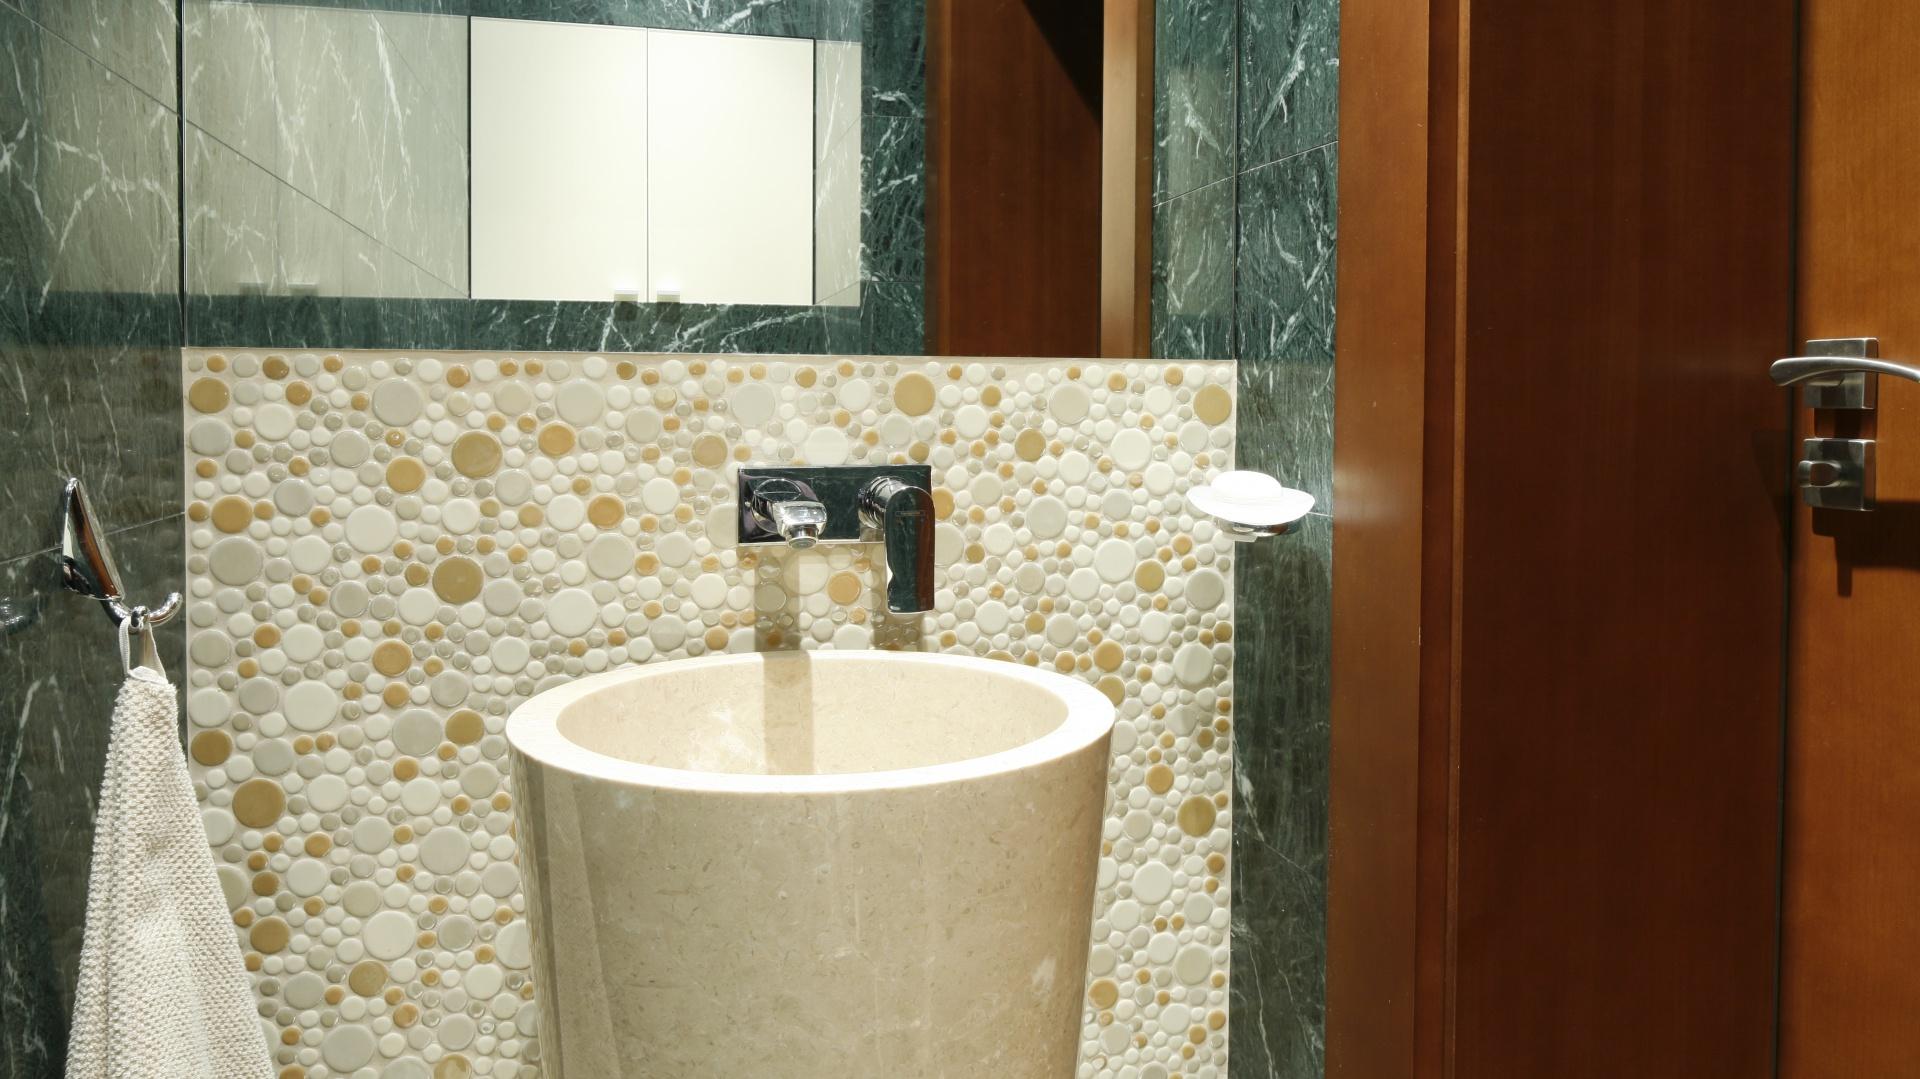 WC dla gości ma tylko 2 metry. Wykończono ją beżowymi zielonym marmurem. Fot. Bartosz Jarosz.